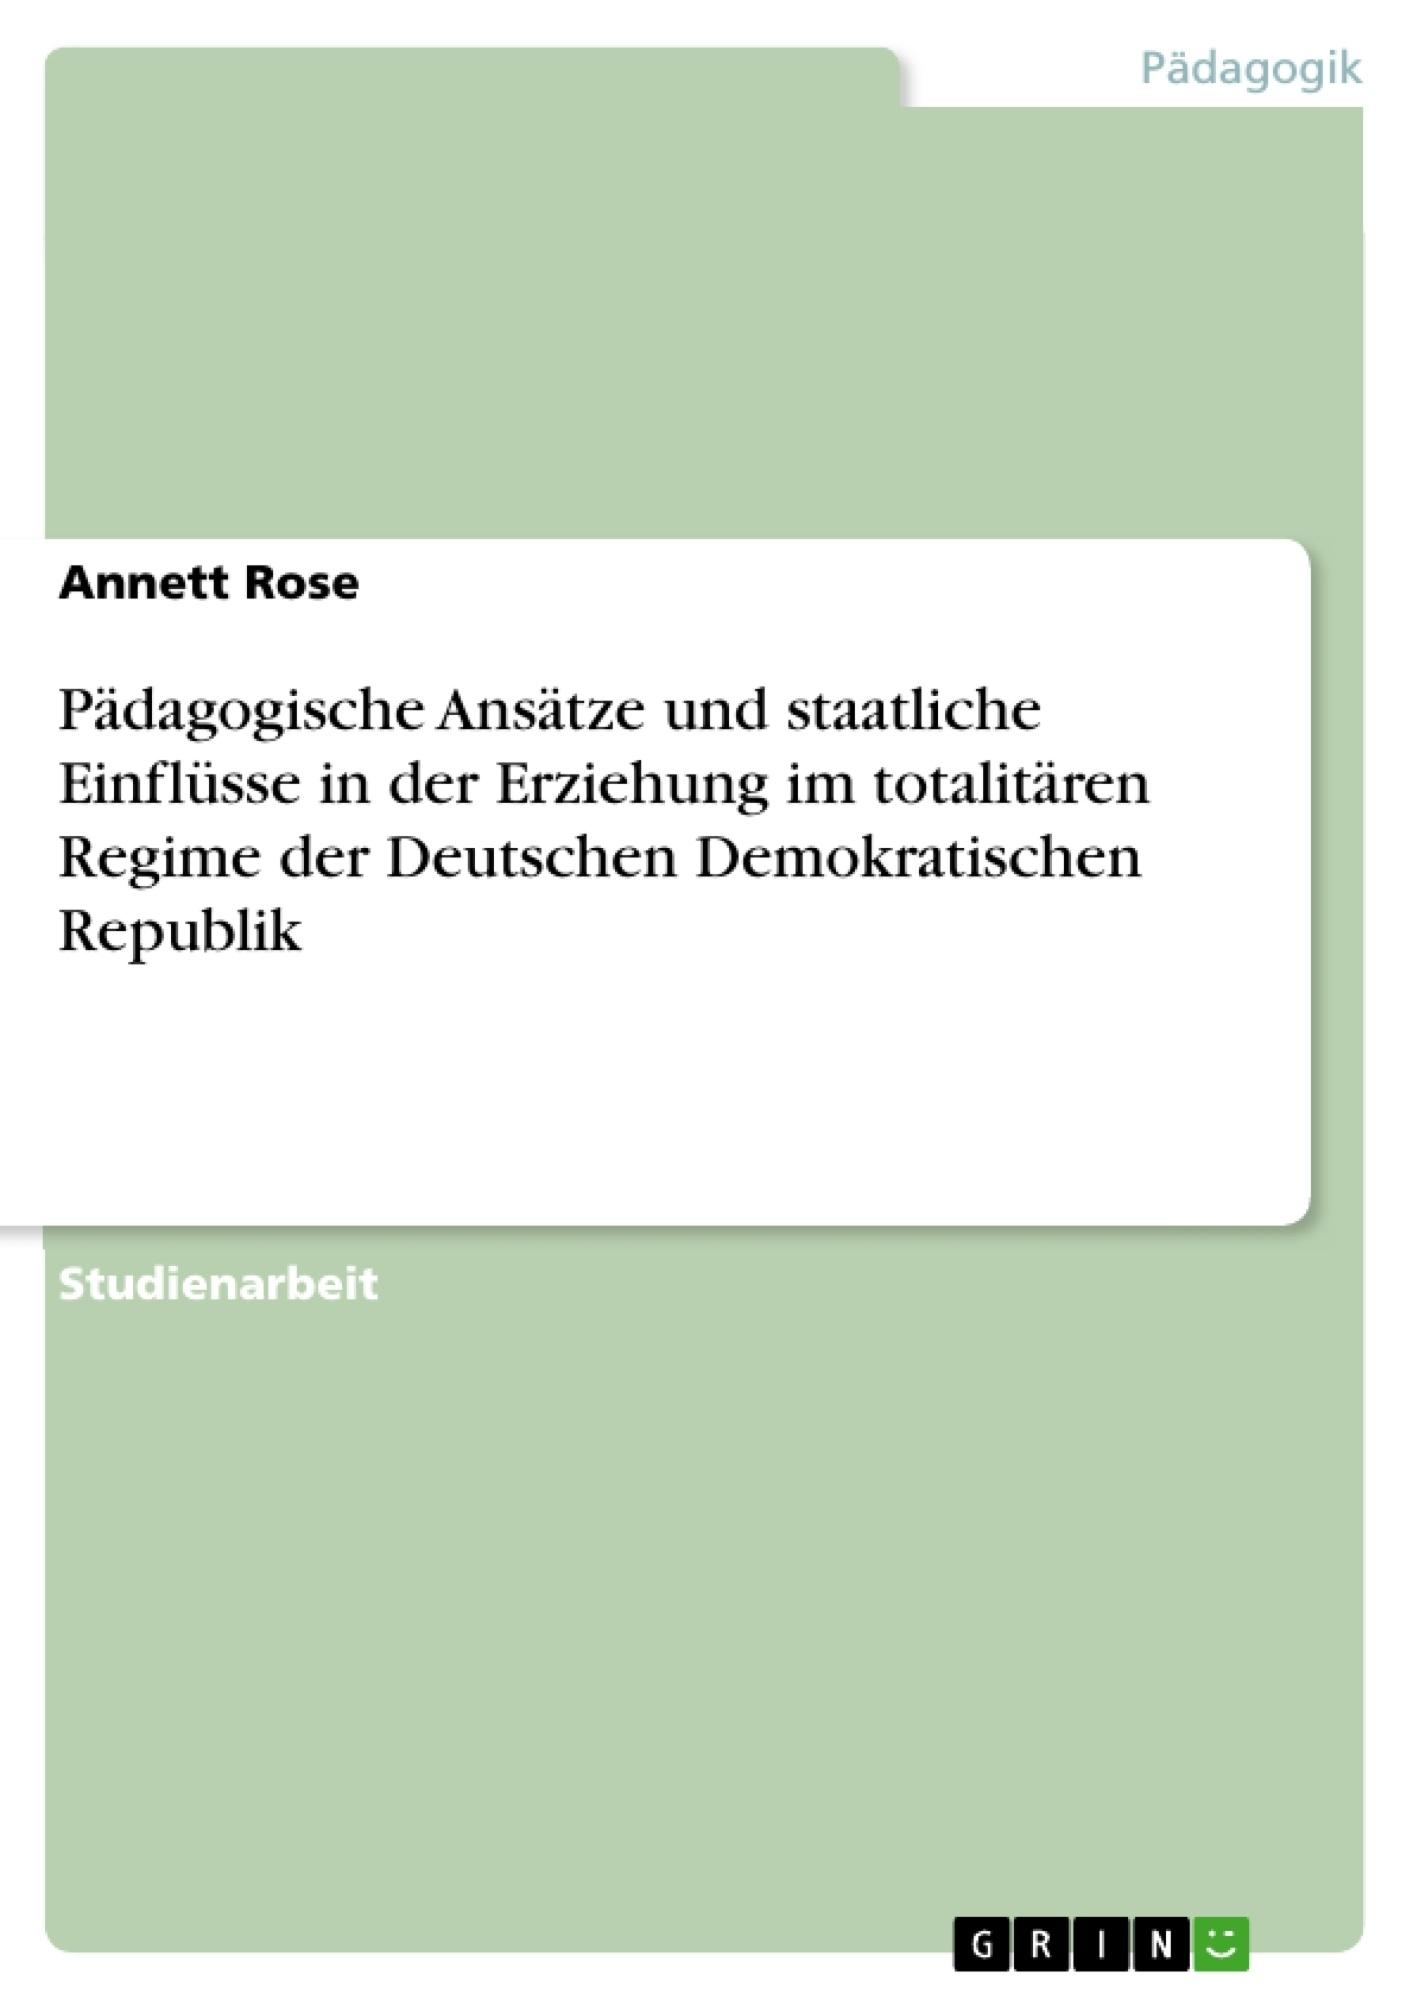 Titel: Pädagogische Ansätze und staatliche Einflüsse in der Erziehung im totalitären Regime der Deutschen Demokratischen Republik